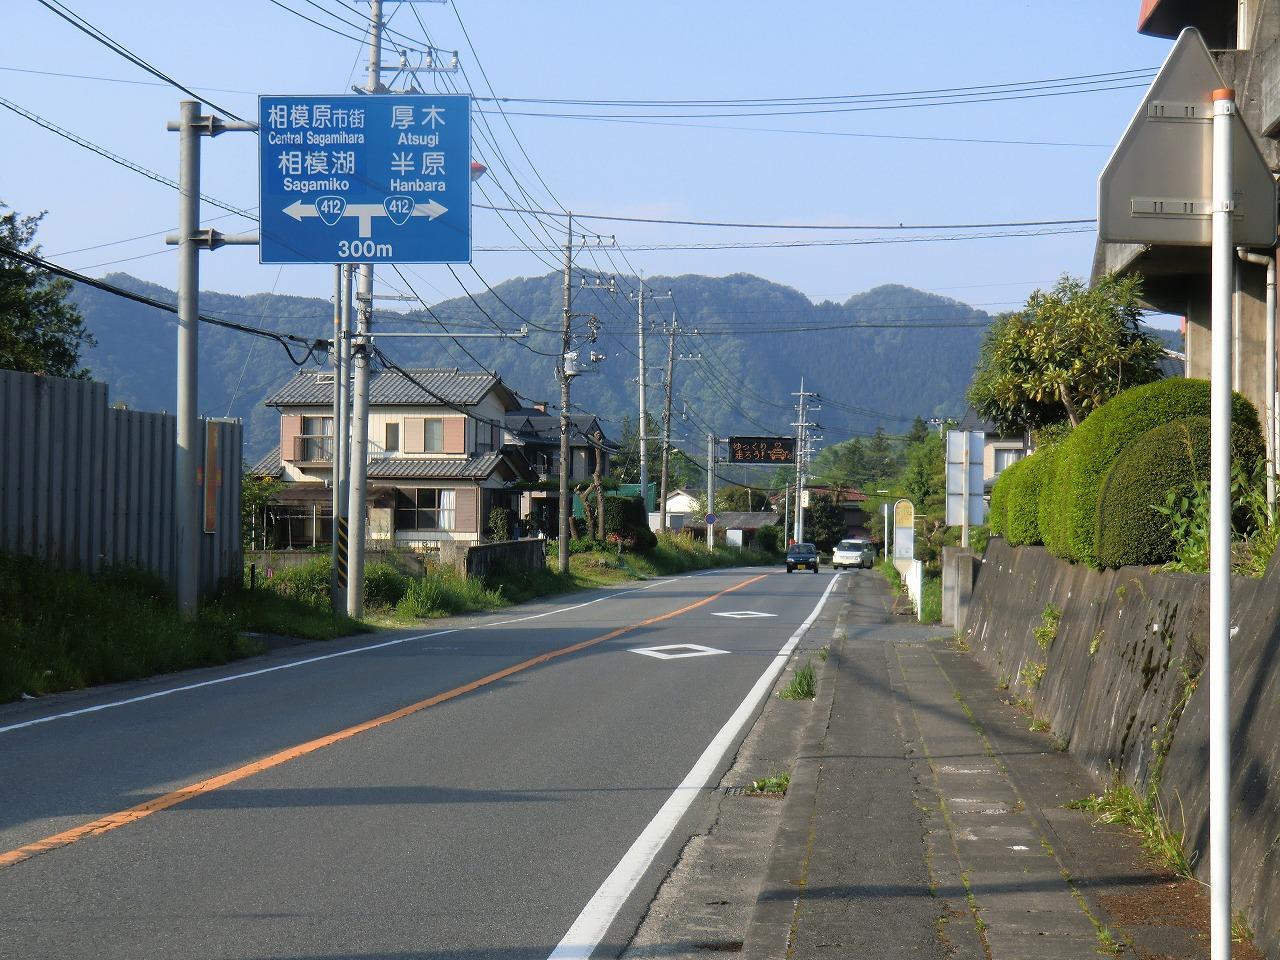 2012_0507_162921-CIMG2206.jpg